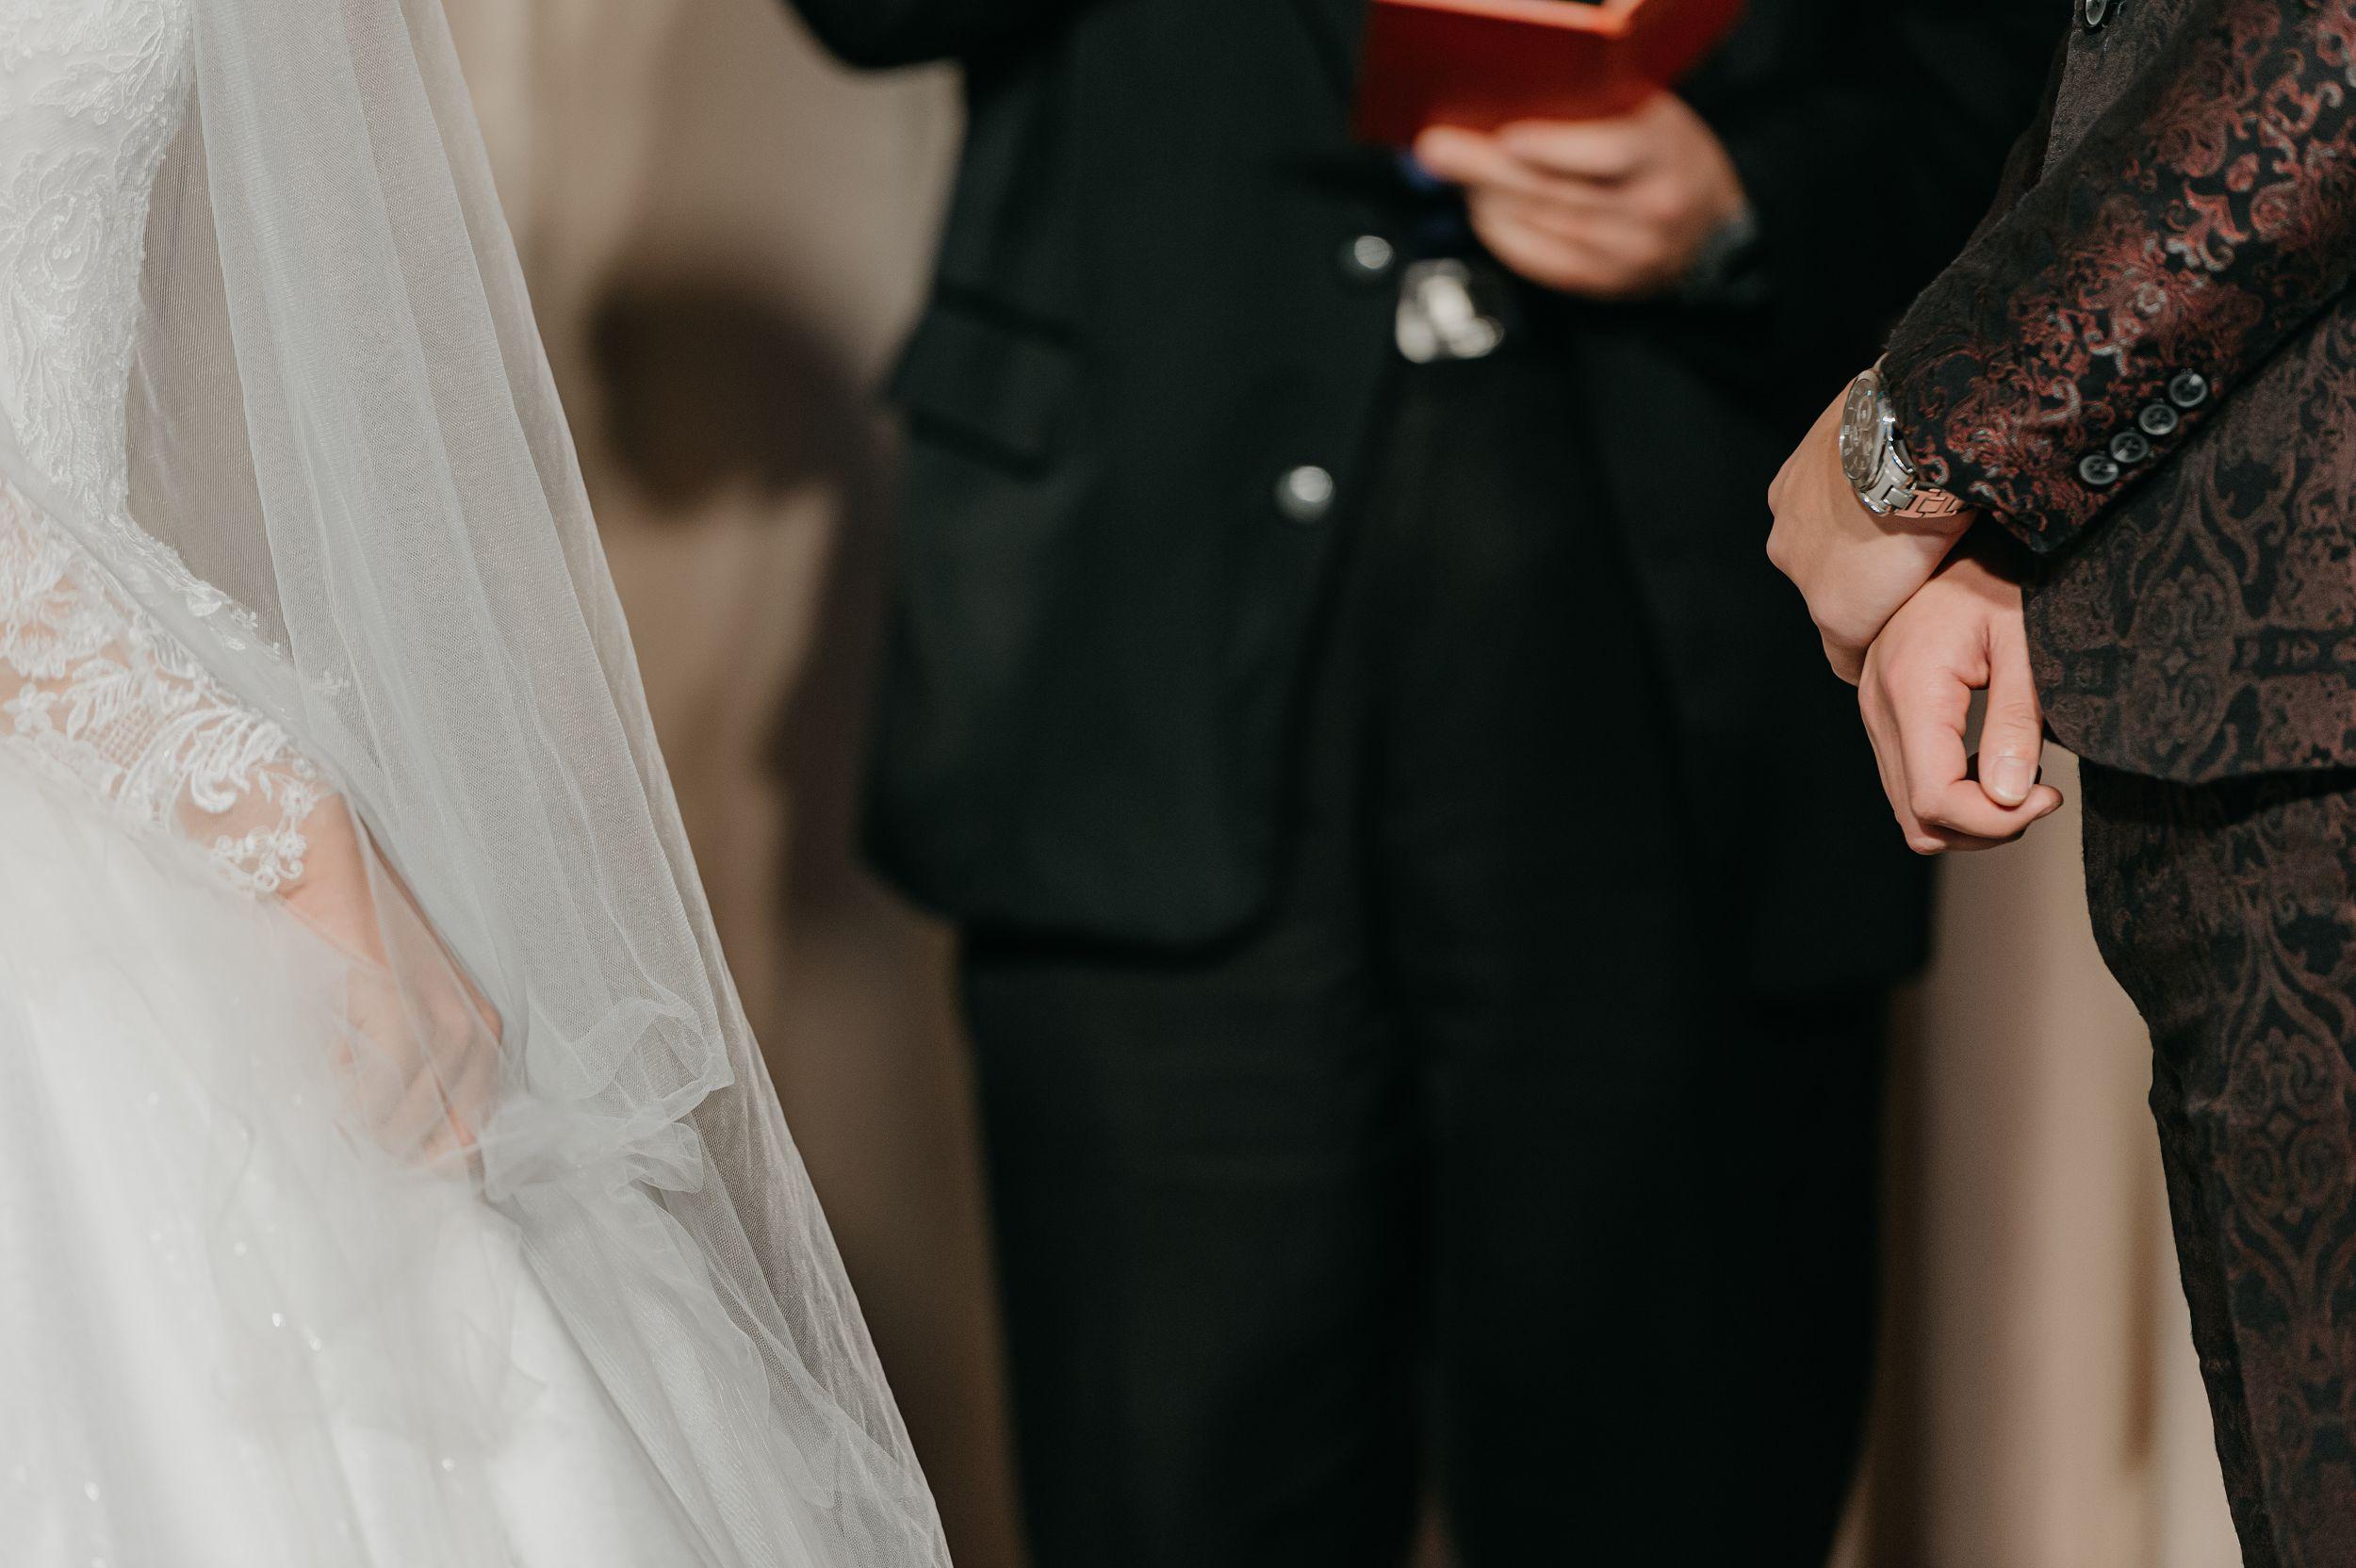 婚禮攝影,婚禮紀錄,婚攝,台北婚攝,婚攝推薦,新娘物語推薦,新秘,造型團隊,MAGE50,雙機攝影,婚宴場地,板橋婚攝,婚禮主持,婚禮佈置,二進活動,風雲20,類婚紗,全家福,婚禮小物,牧師證婚,交換戒指,抽捧花,抽花椰菜,